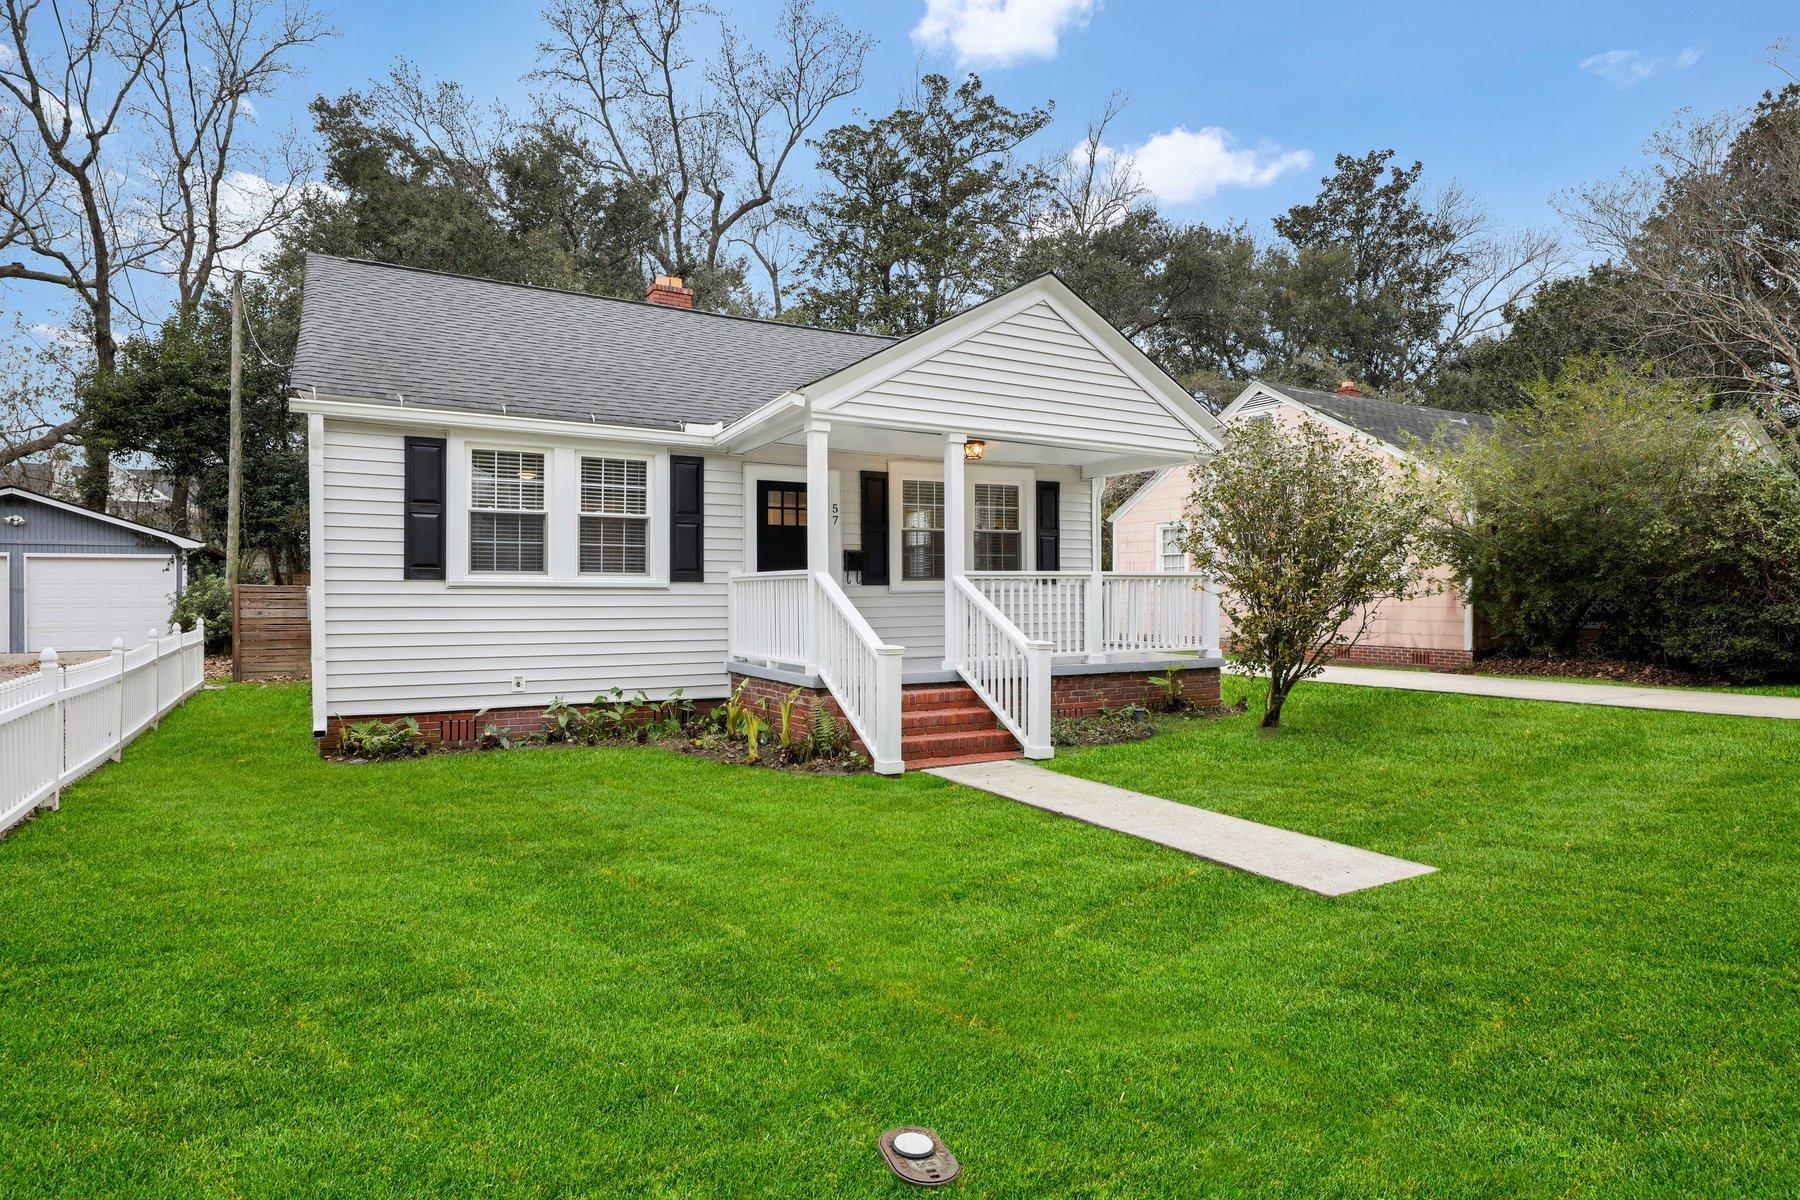 Avondale Homes For Sale - 57 Avondale, Charleston, SC - 0